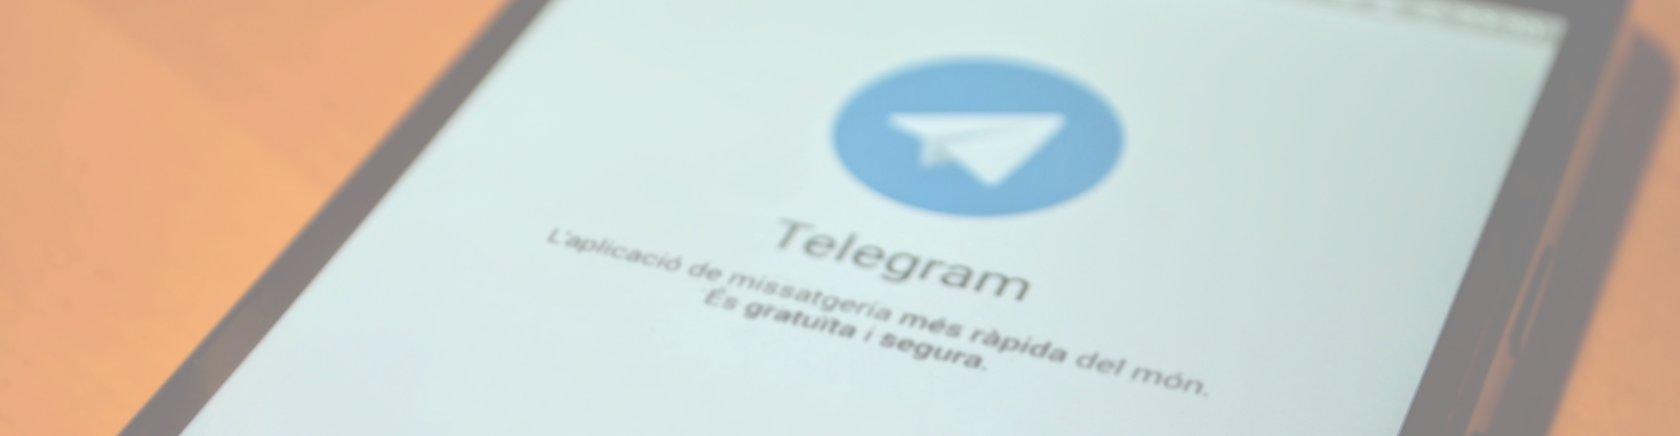 Grup de Telegram per a col·laboradors